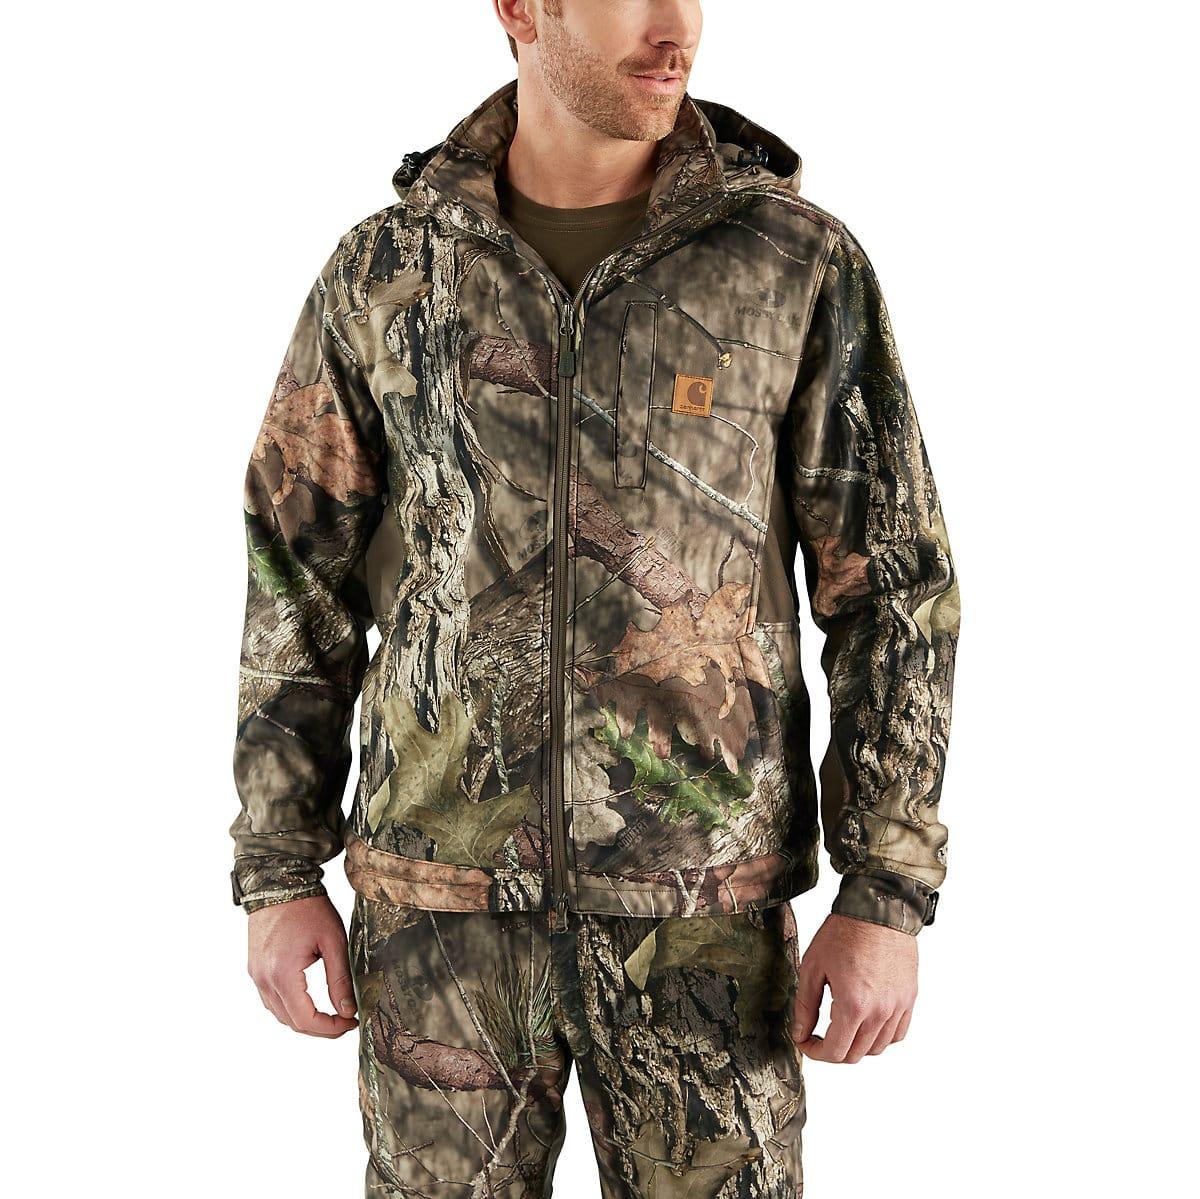 d191b12ab9a4d Men's Buckfield Camo Jacket 103292 | Carhartt